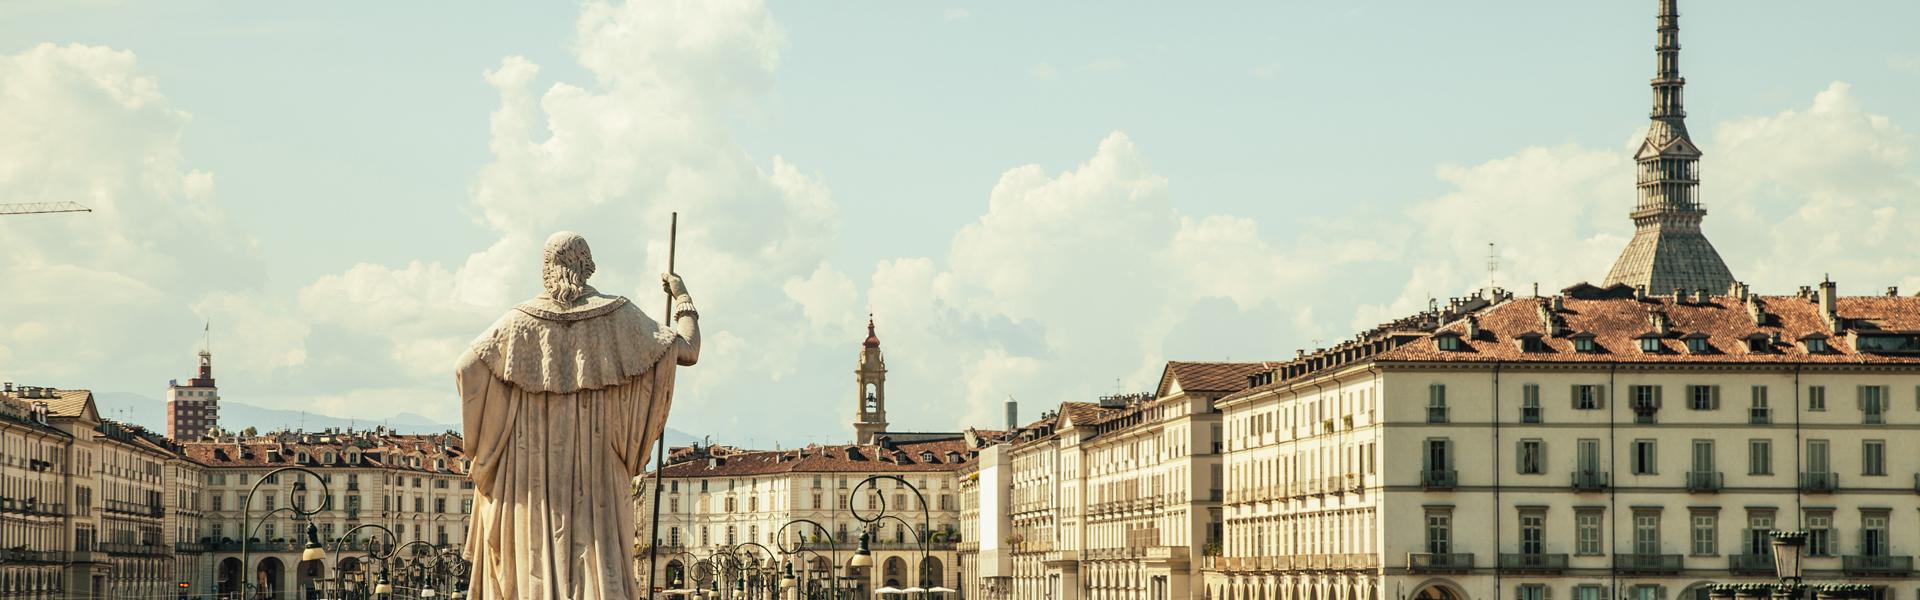 piazza-vittorio-438449